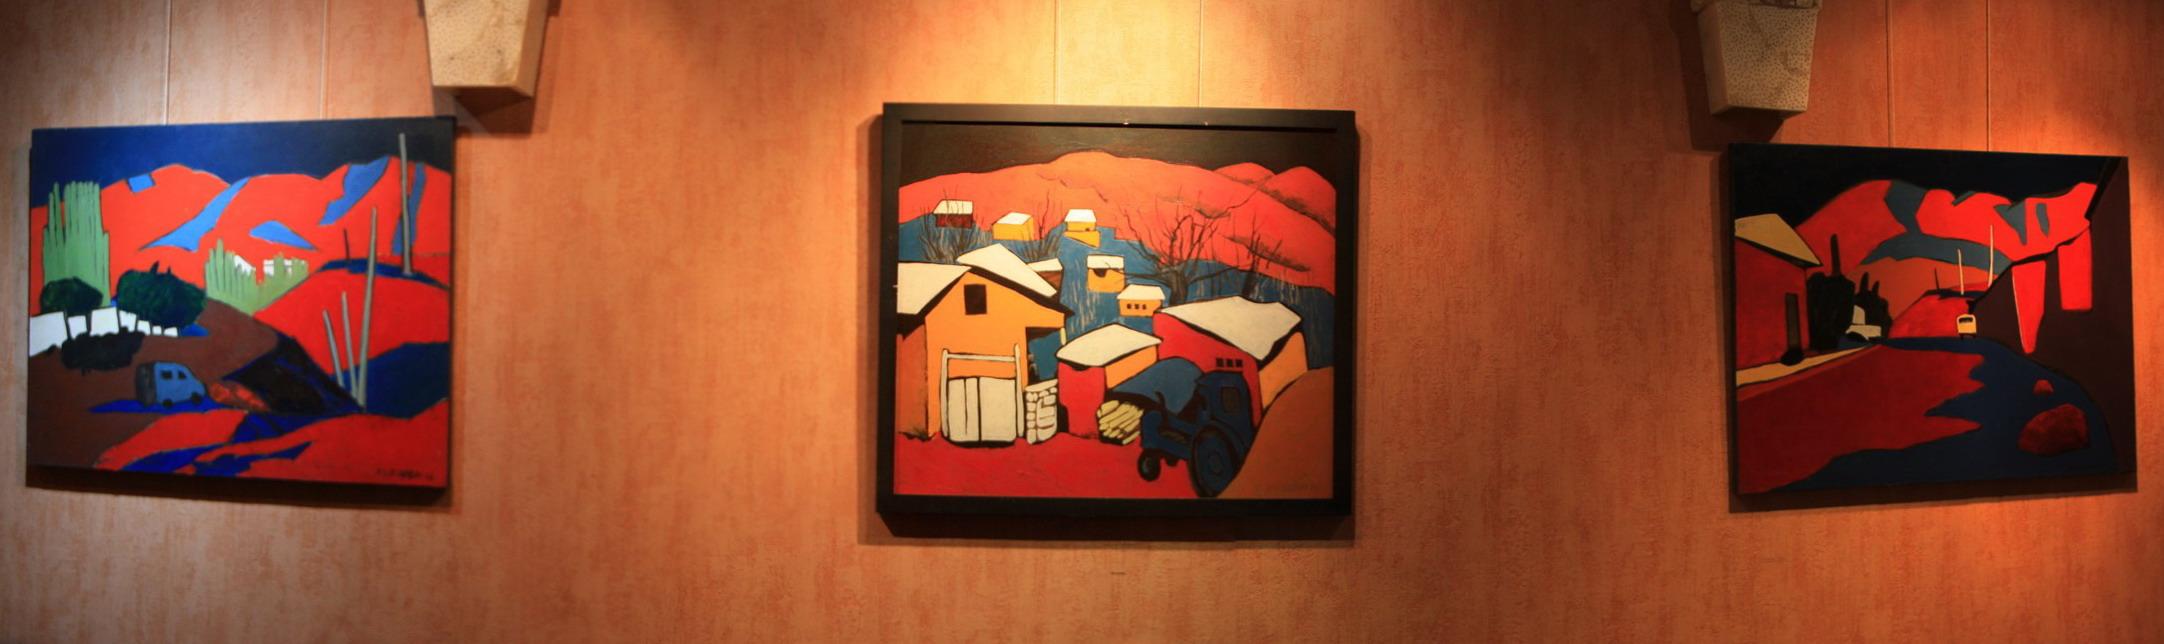 И.Валиходжаев. Экспозиция картин с сельскими сюжетами. 2